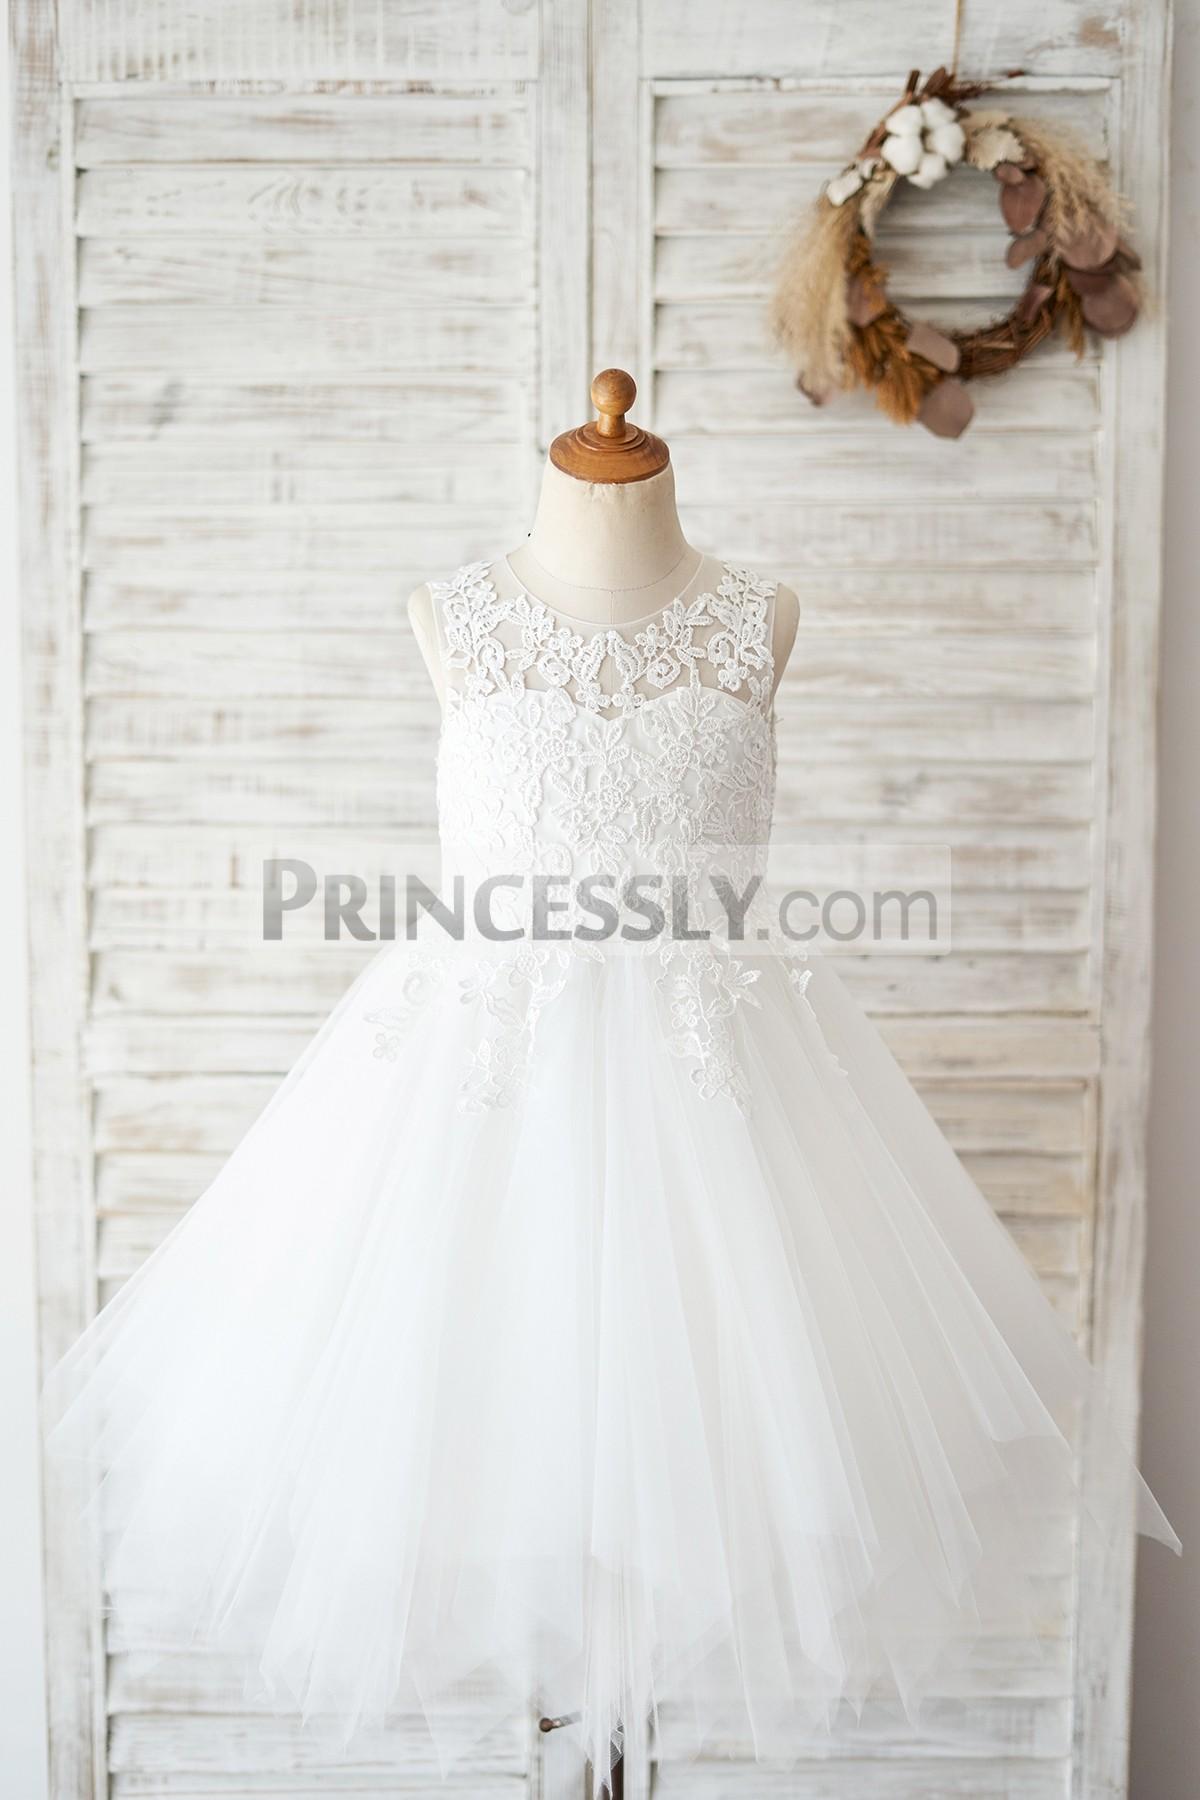 Princessly.com-K1004028-Sheer Back Ivory Lace Tulle Wedding Flower Girl Dress-31